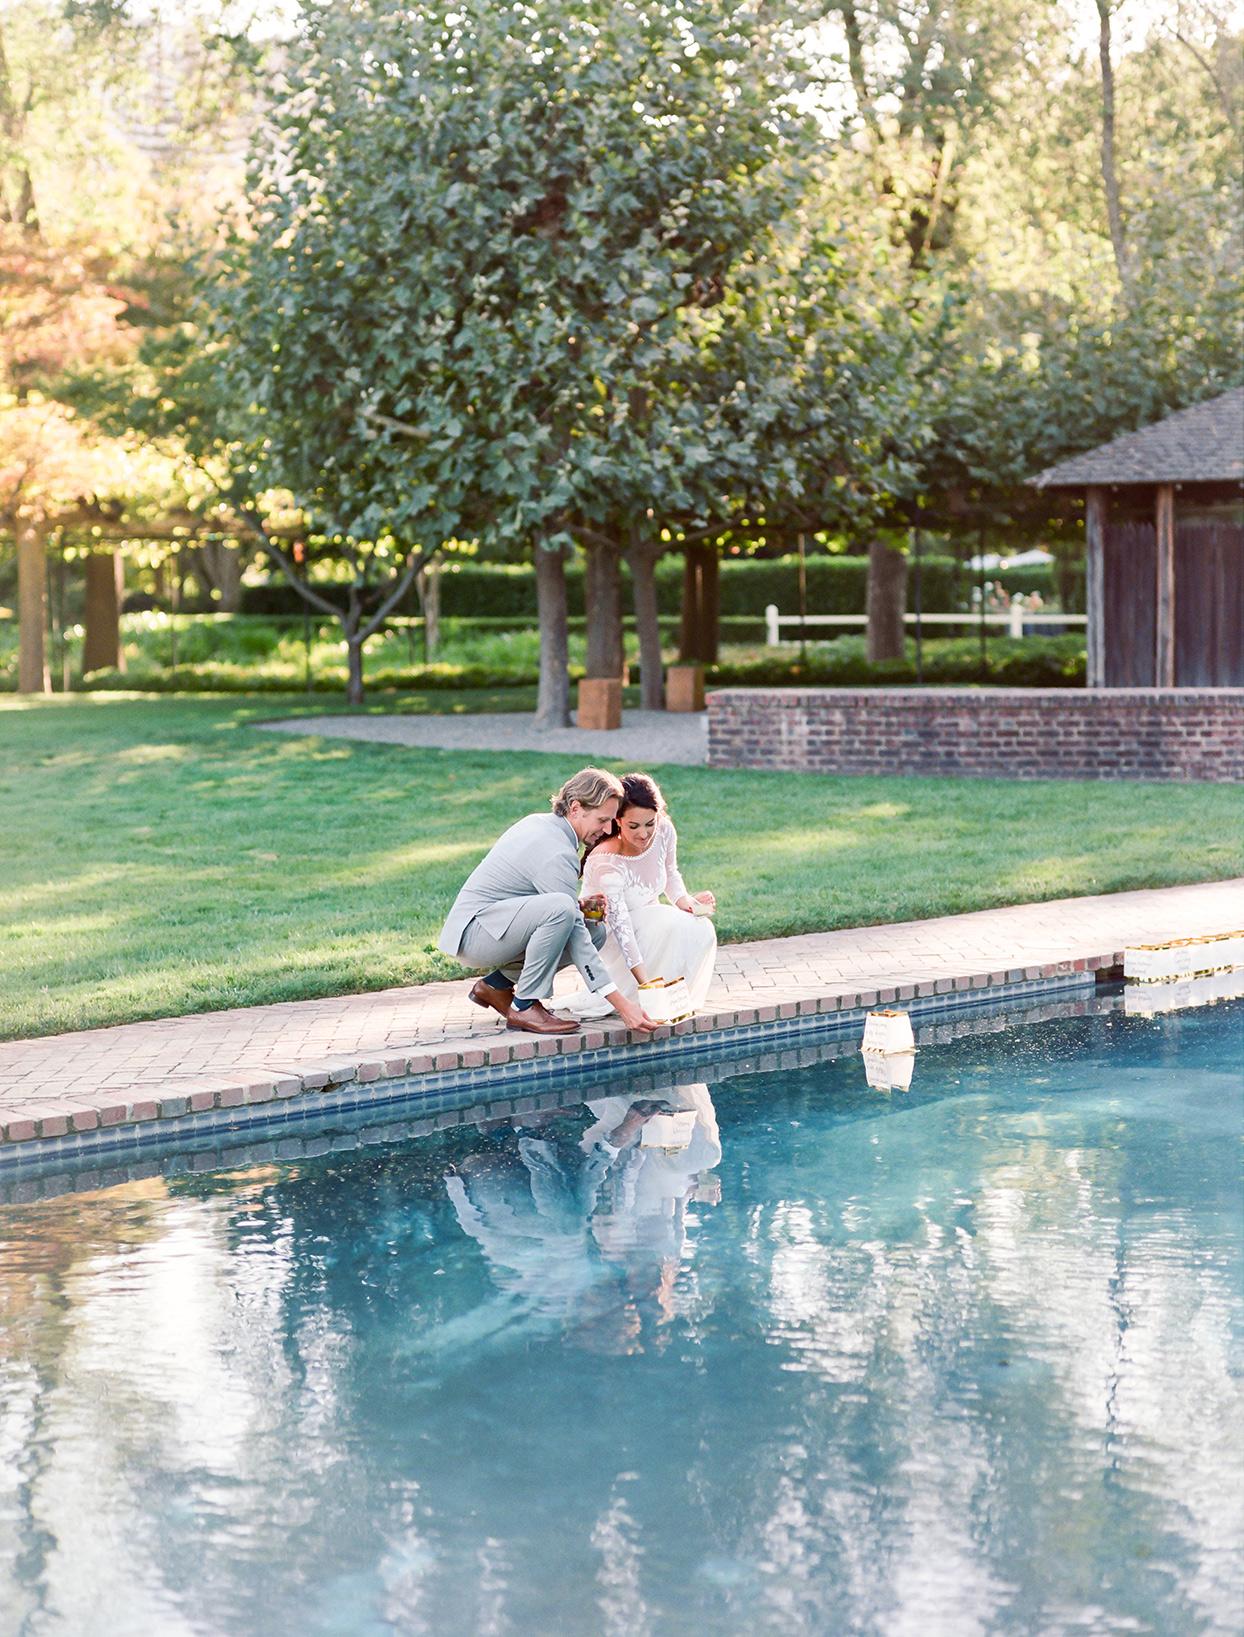 bride and groom releasing floating lantern in swimming pool